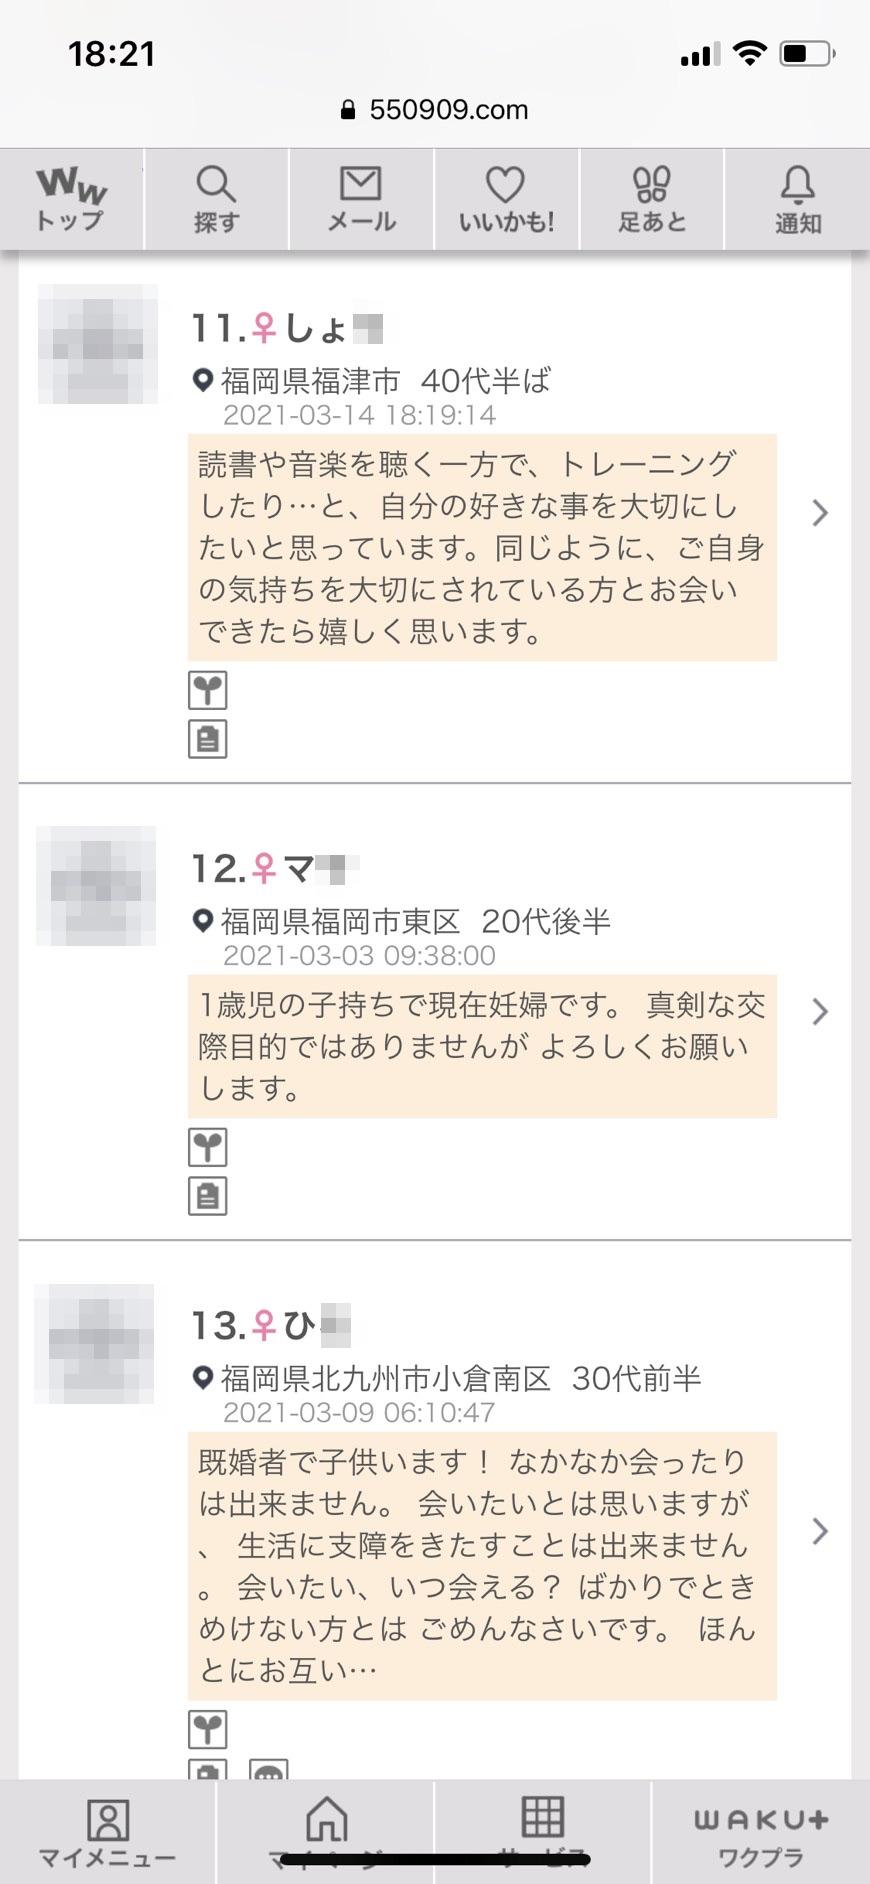 2021年・福岡割り切り出会い掲示板(ワクワクメール)